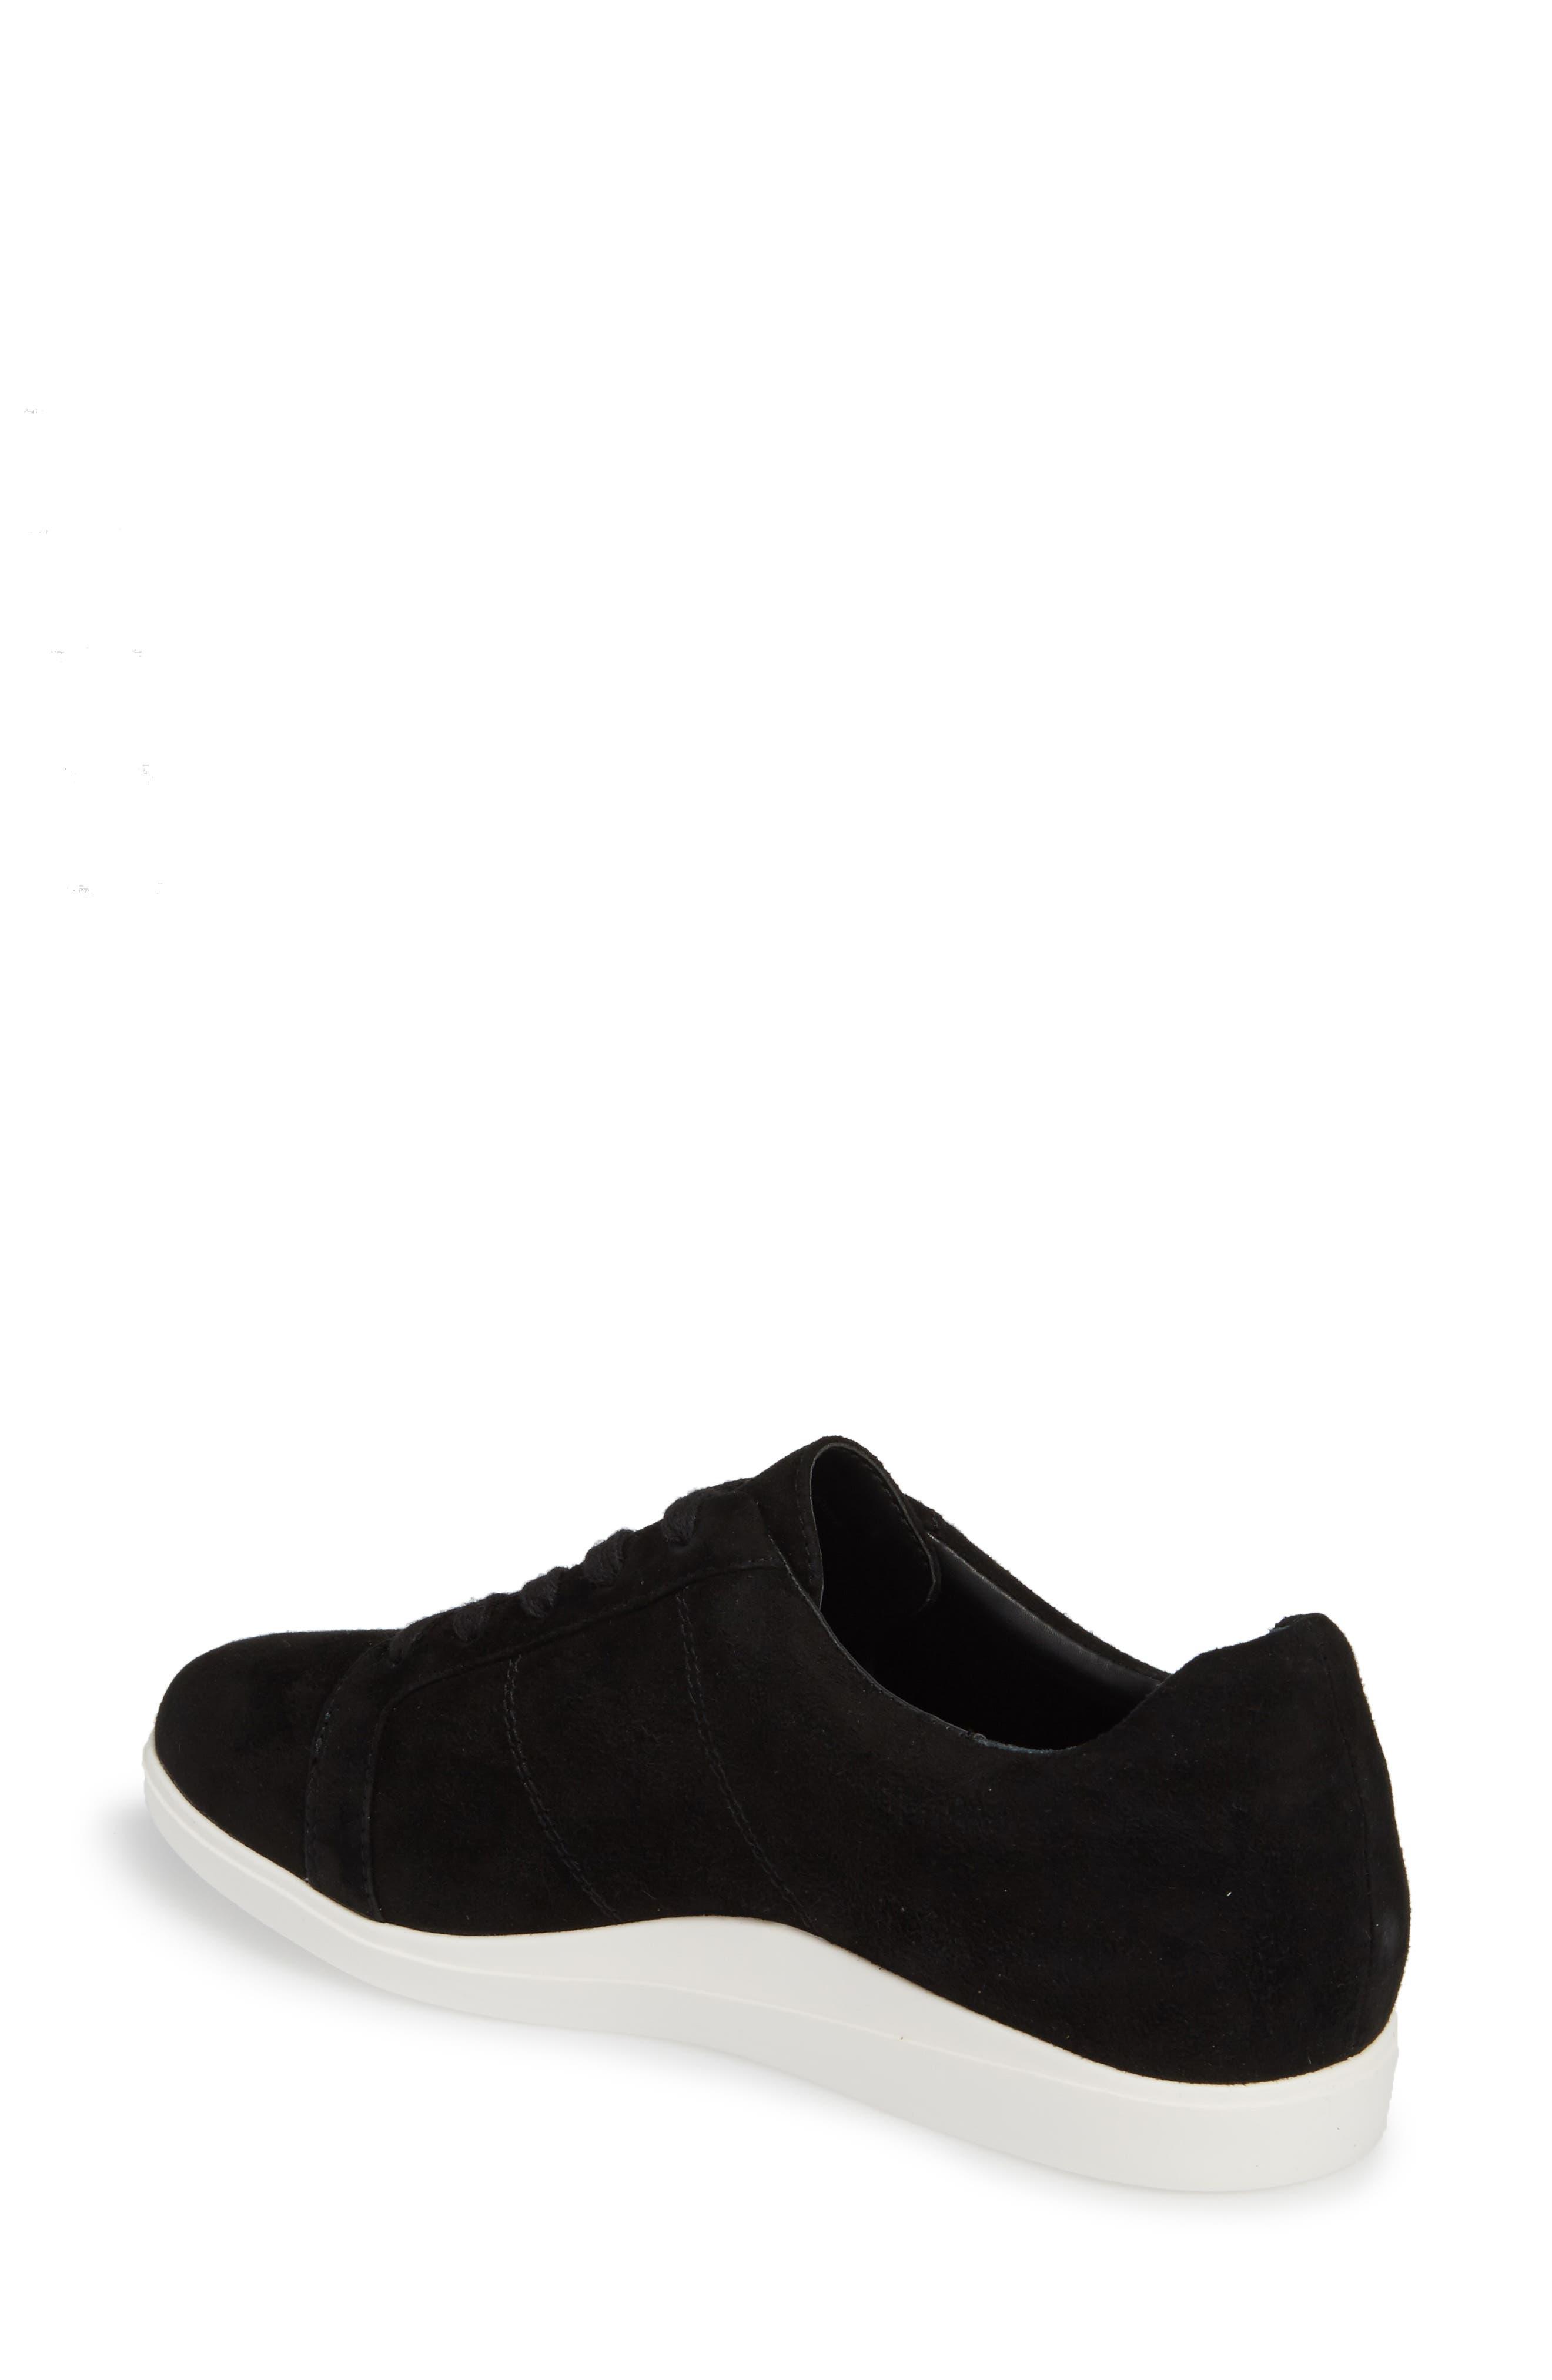 Sharleen Sneaker,                             Alternate thumbnail 2, color,                             001